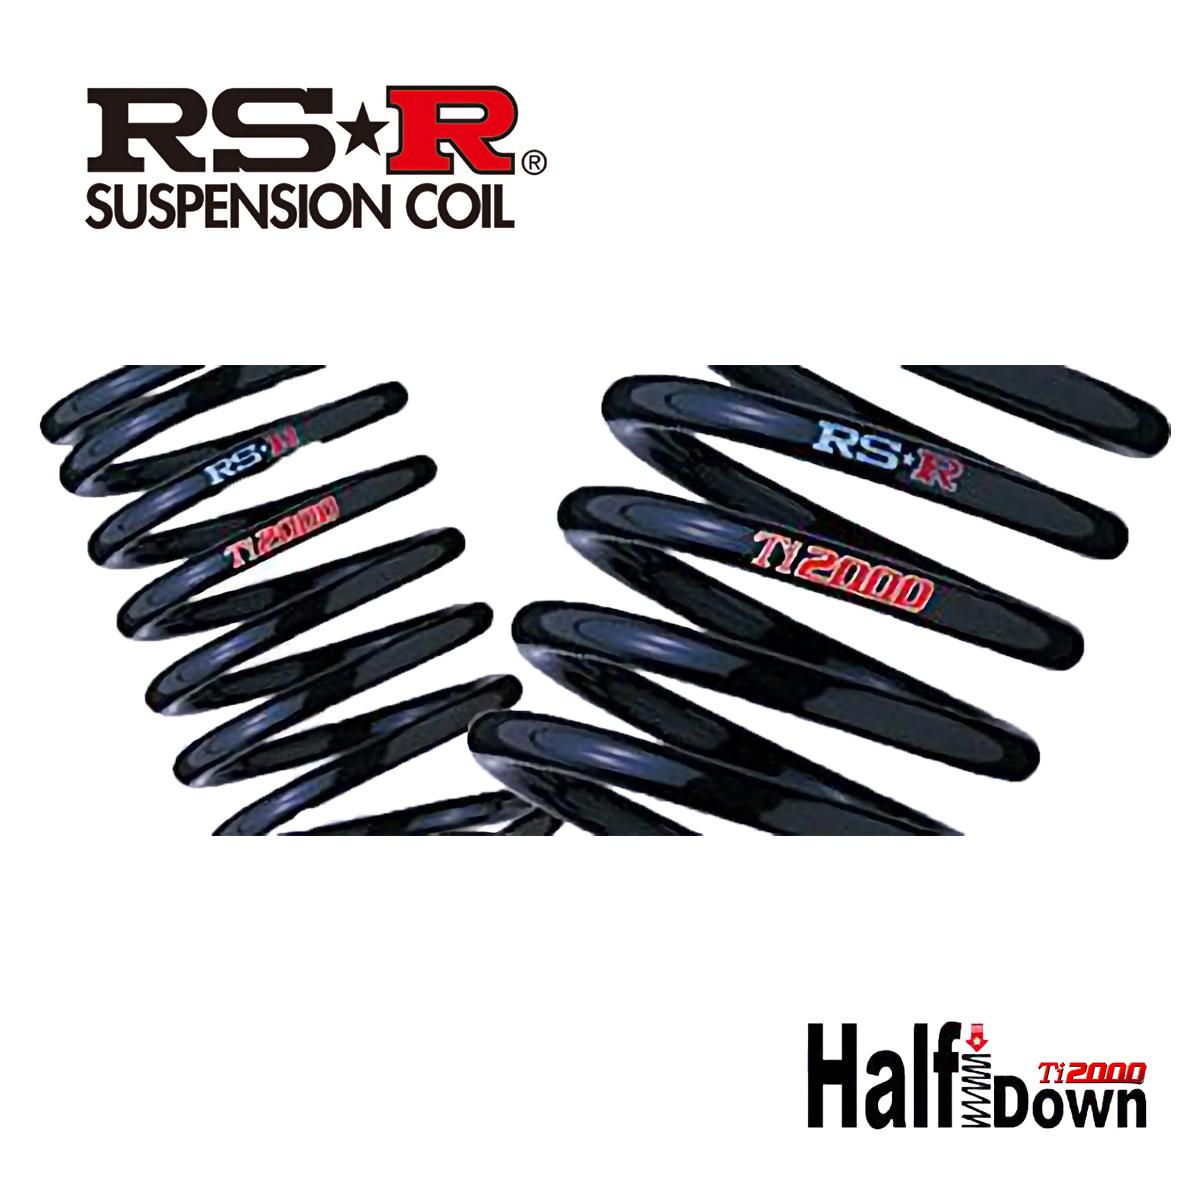 RS-R デイズ B44W ハイウェイスターX ダウンサス スプリング リア N511THDR Ti2000 ハーフダウン RSR 個人宅発送追金有